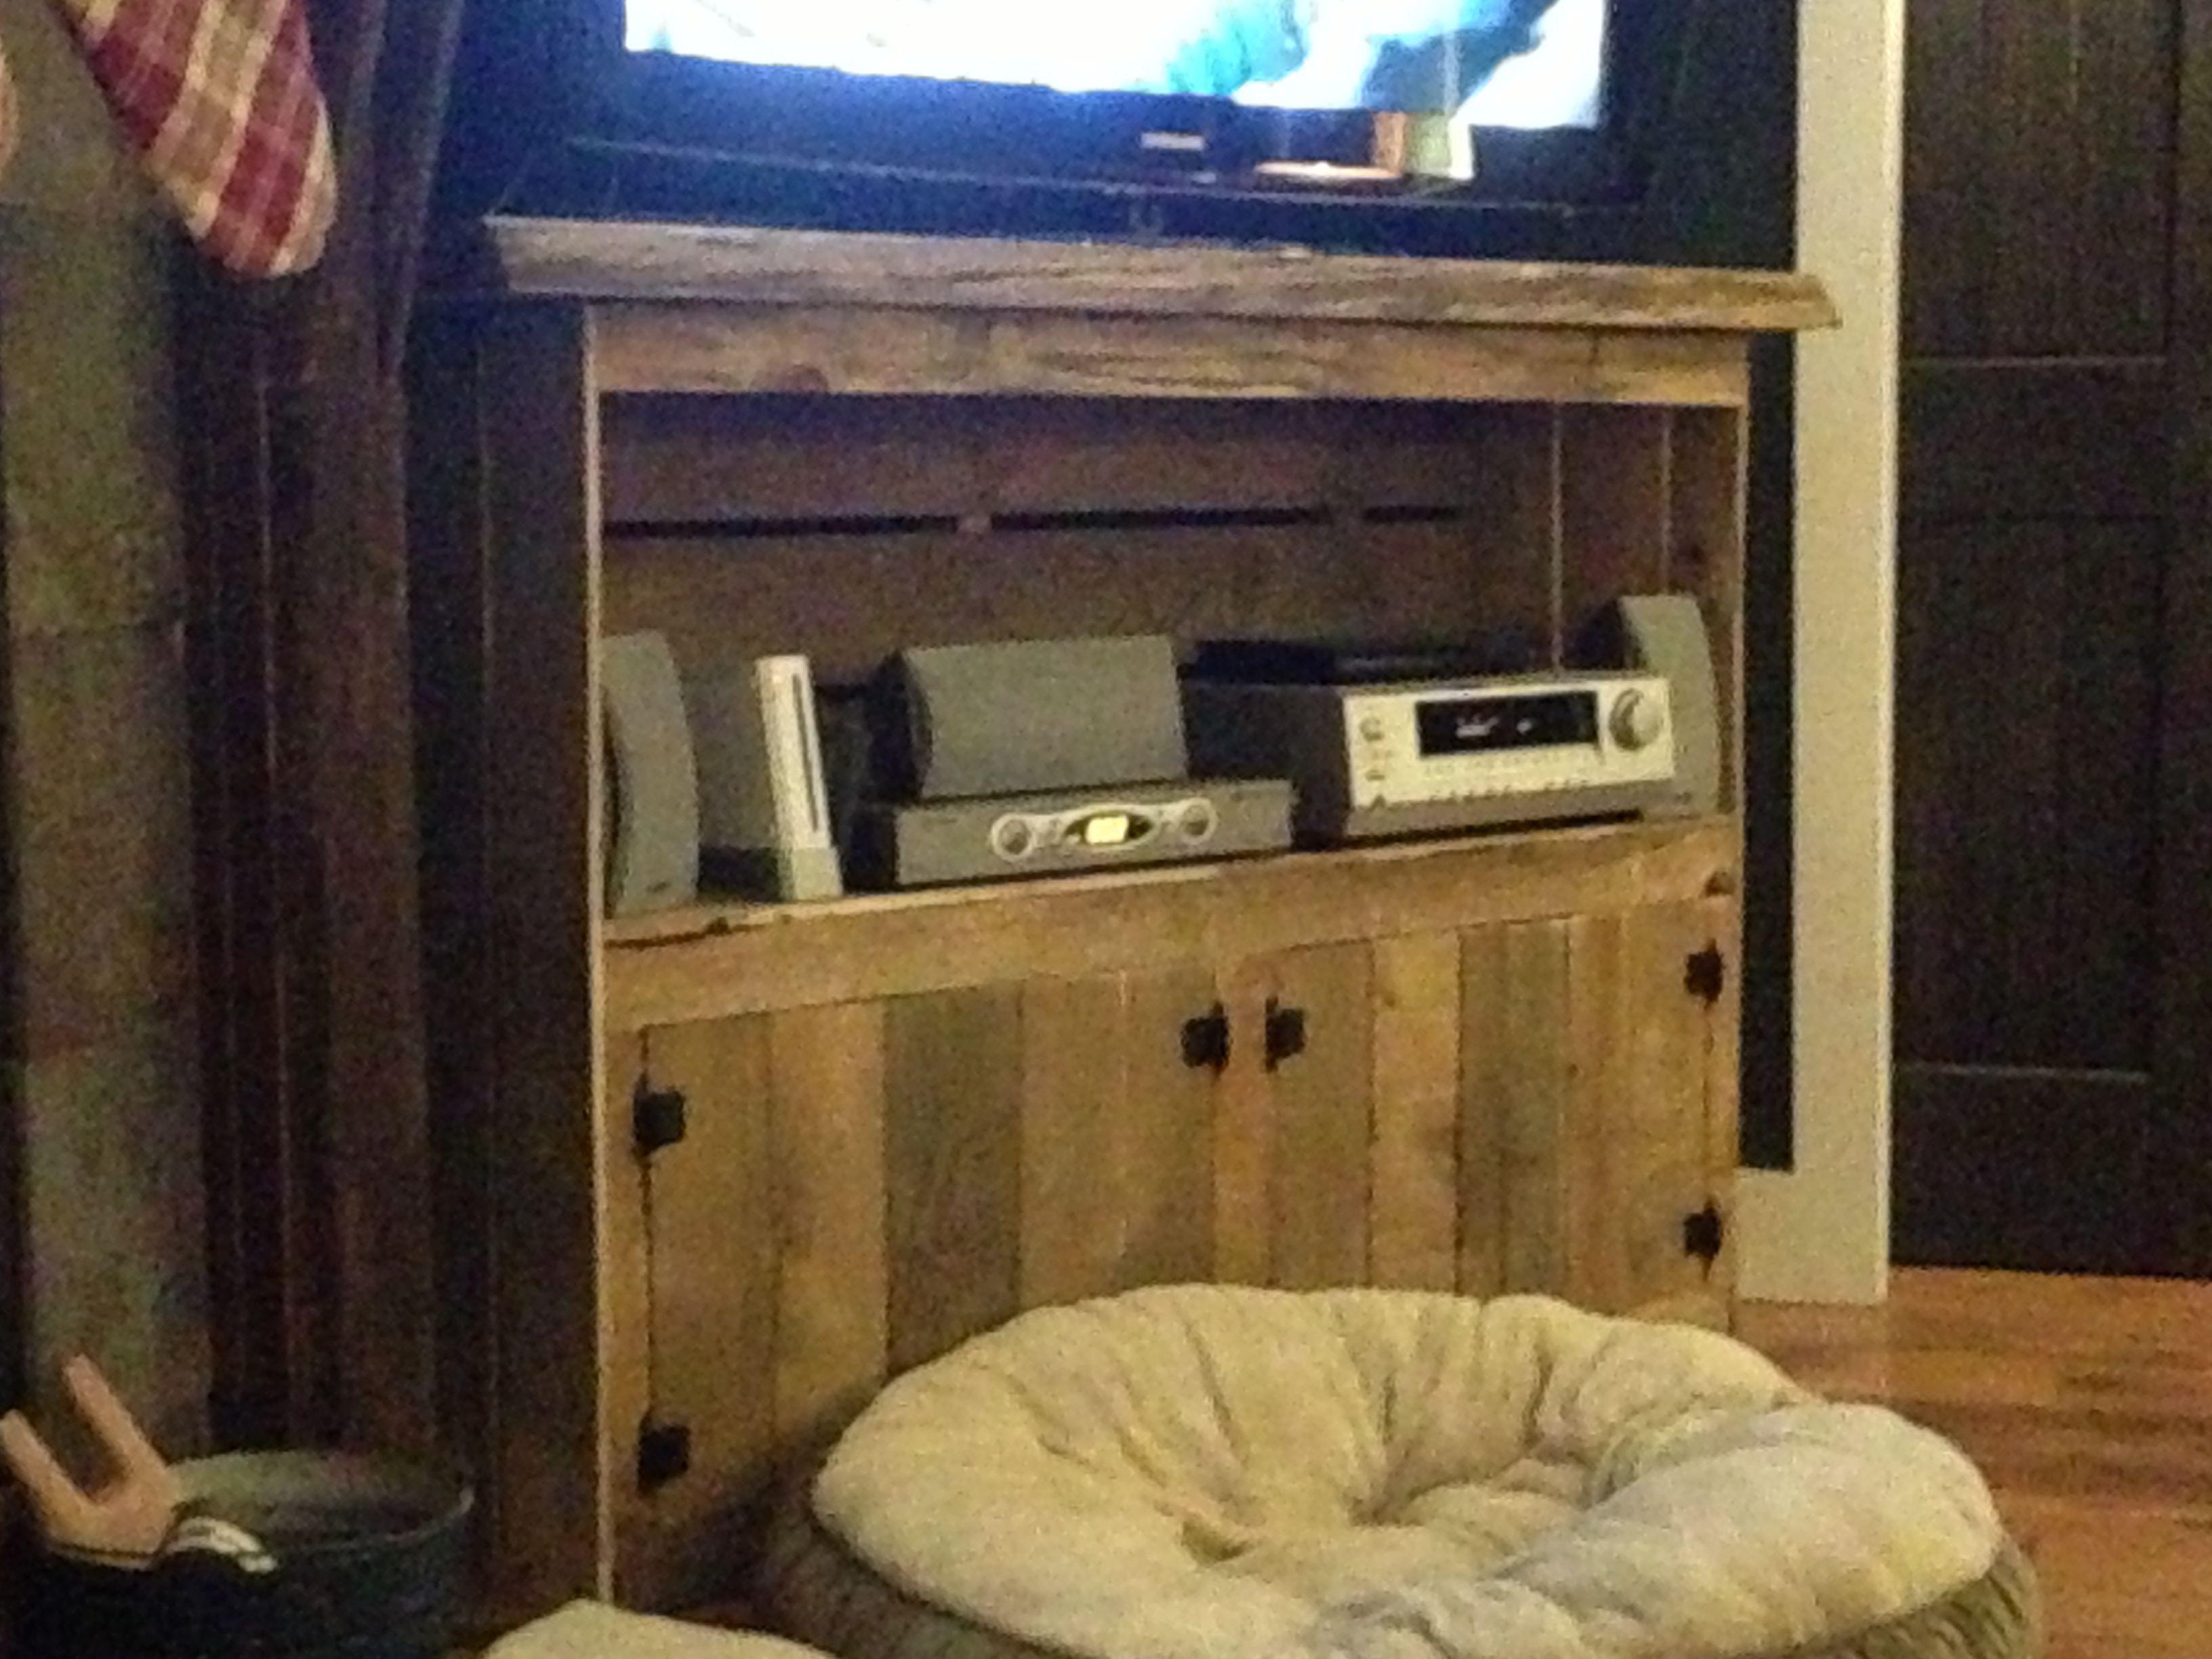 17 Beste Ideer Om Skid Furniture På Pinterest | Pallemøbler, Pallet Sofa Og  Pallet Ideas